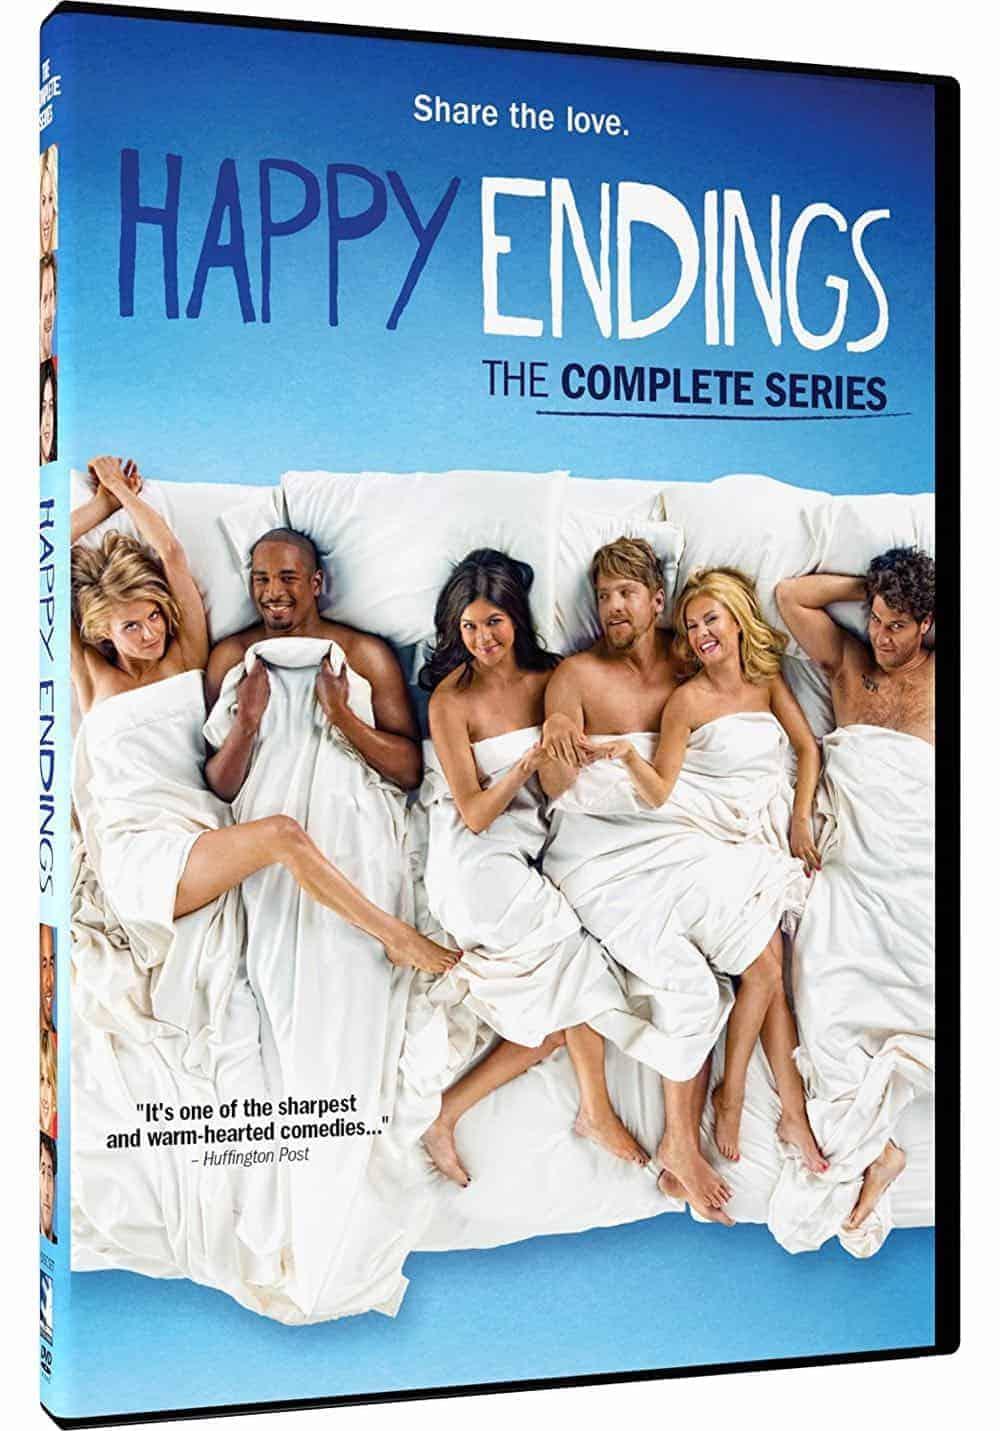 Happy-Endings-Complete-Series-DVD